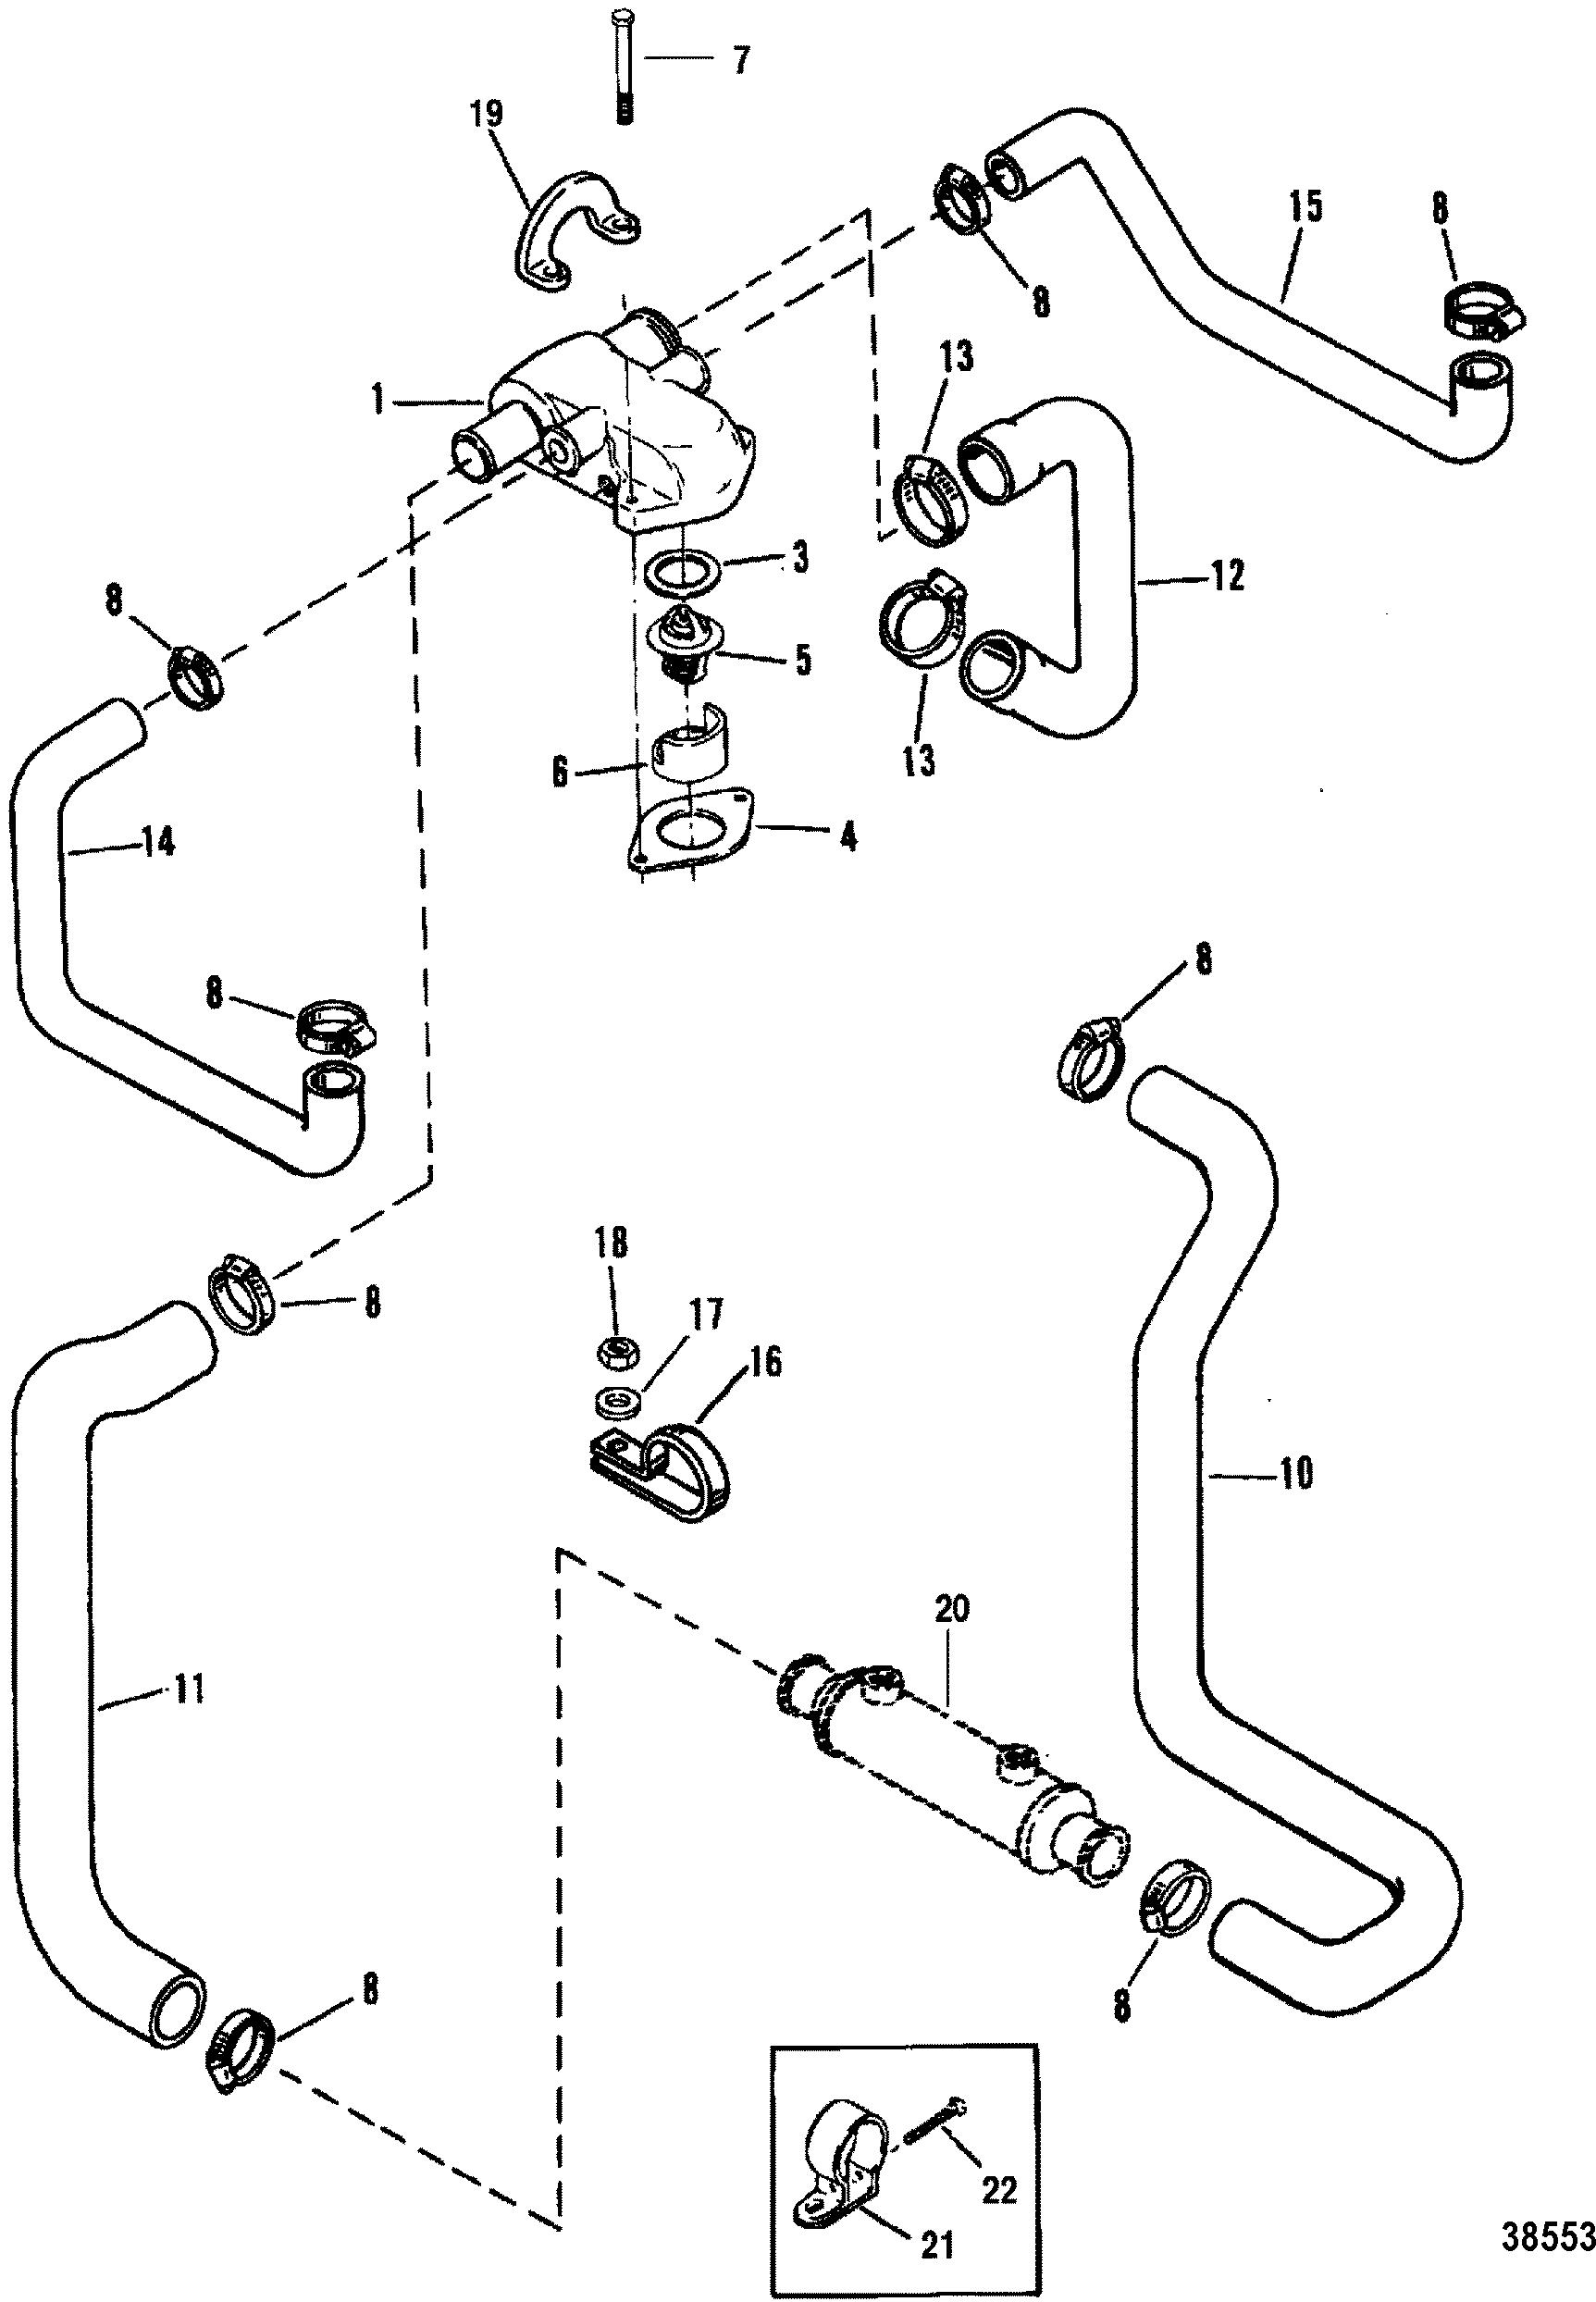 Standard Cooling System Design Iii